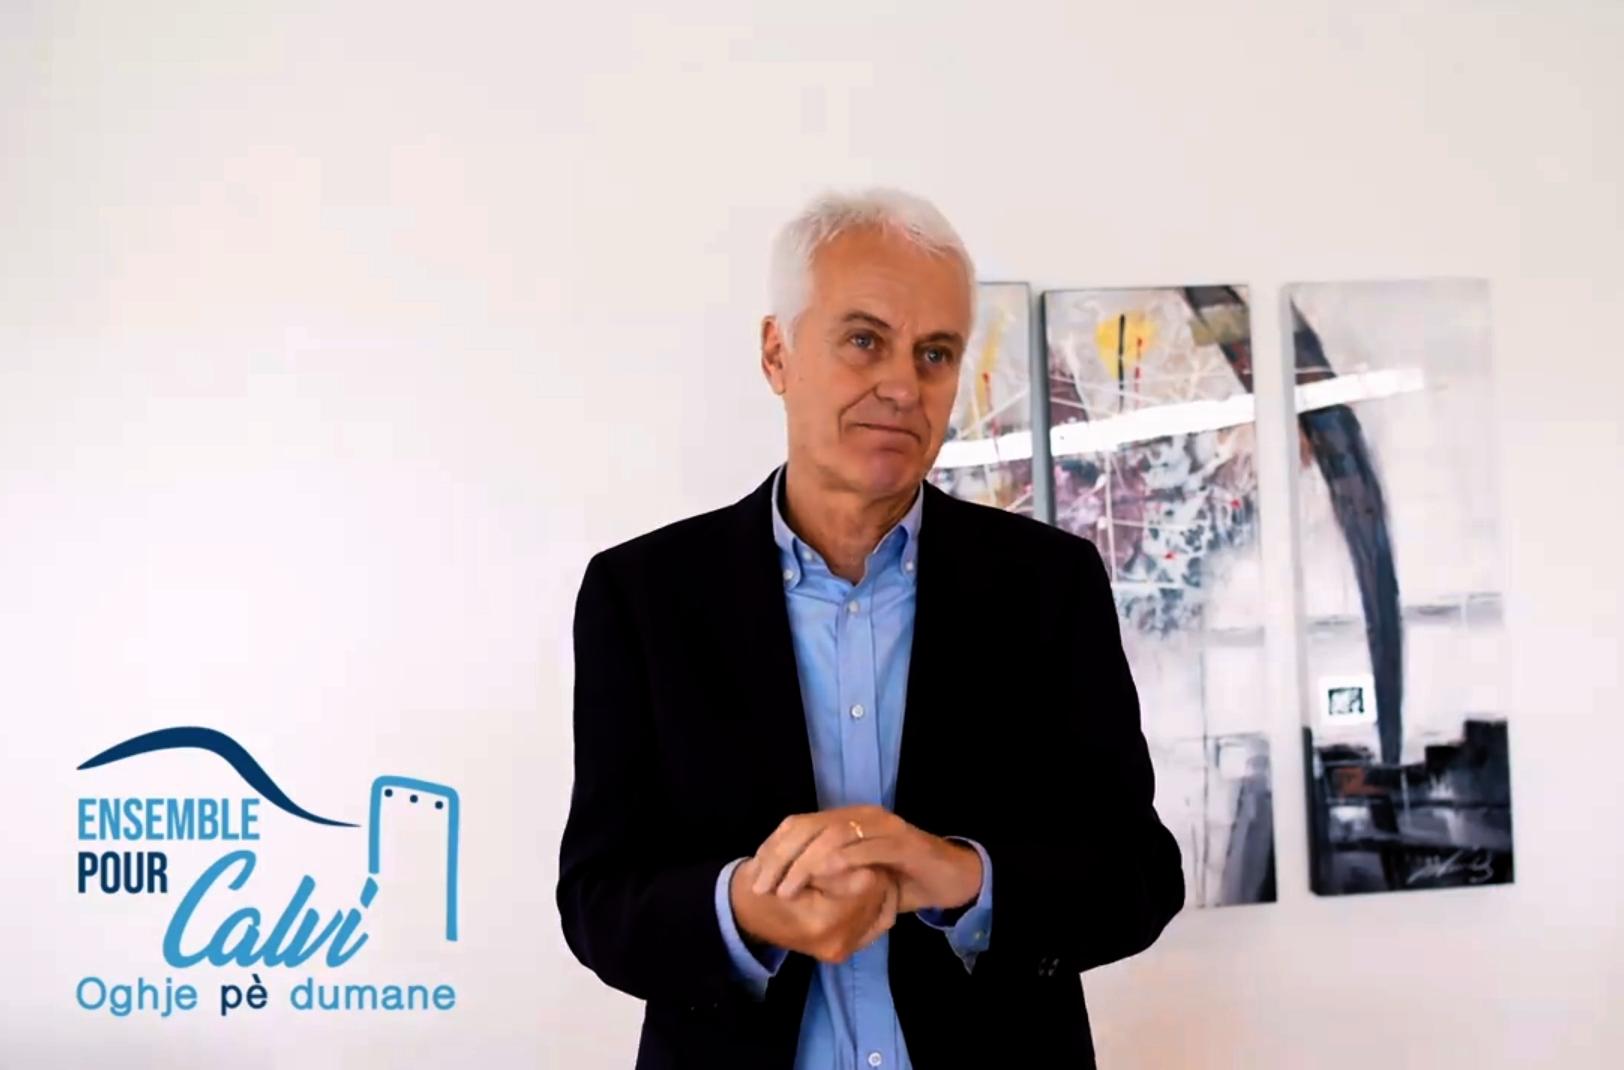 Jean-Louis Delpoux, 1er adjoint au maire sortant délégué à l'urbanisme, et candidat